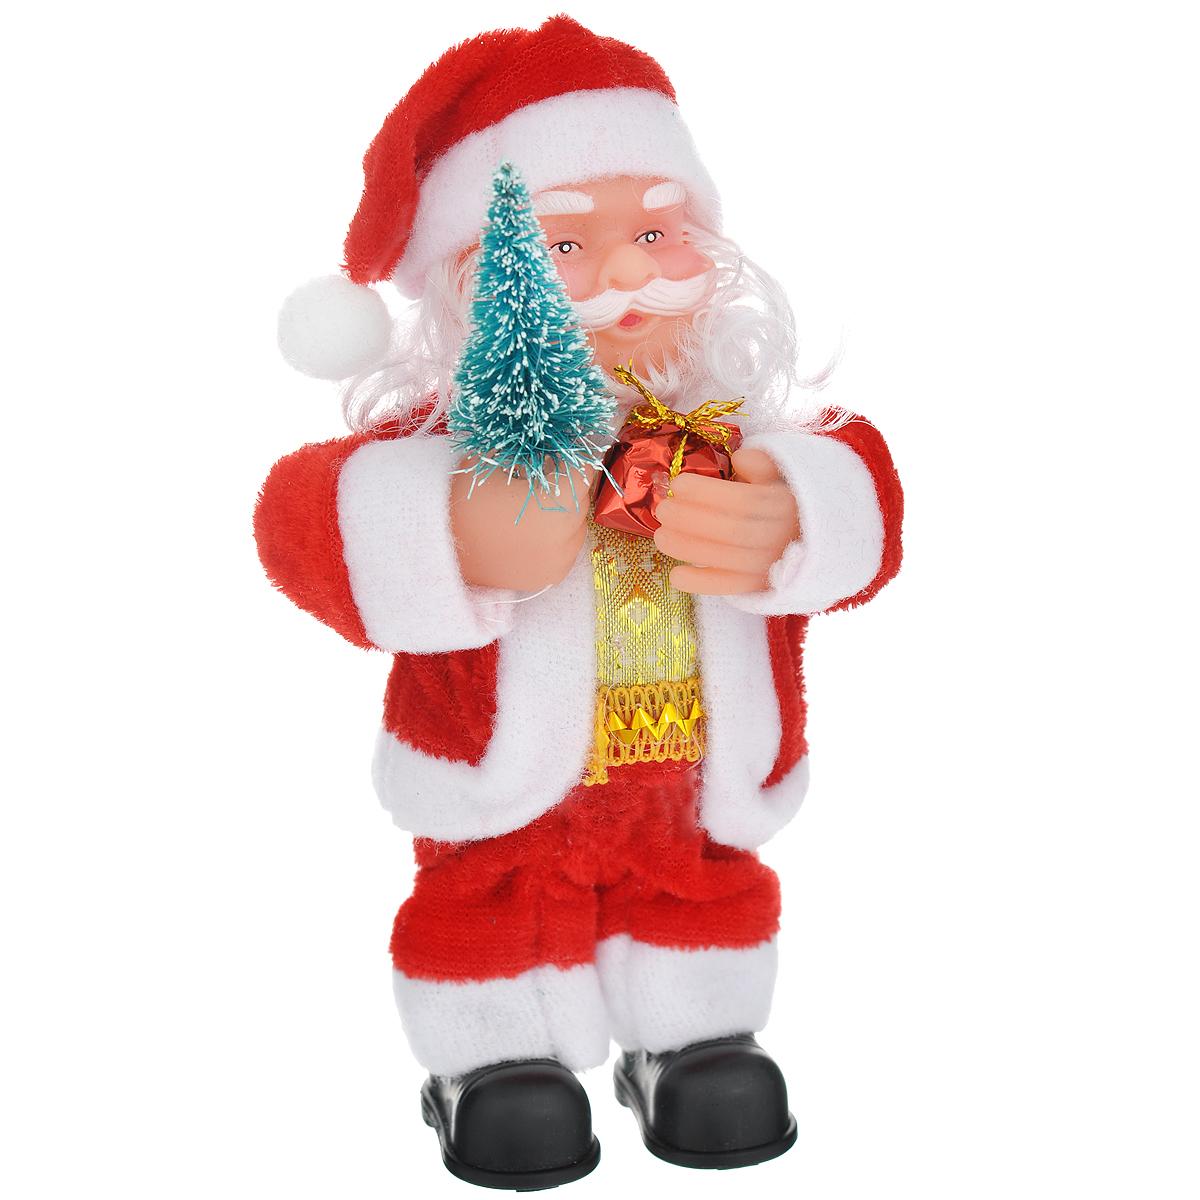 Новогодняя декоративная фигурка Sima-land Дед Мороз, высота 16 см. 703370703370Новогодняя декоративная фигурка выполнена из высококачественного пластика в виде Деда Мороза. Дед Мороз одет в шубу с опушкой. На голове колпак в цвет шубы. В одной руке Дед Мороз держит подарок, а в другой - елочку. Его добрый вид и очаровательная улыбка притягивают к себе восторженные взгляды. Декоративная фигурка Дед Мороз подойдет для оформления новогоднего интерьера и принесет с собой атмосферу радости и веселья.